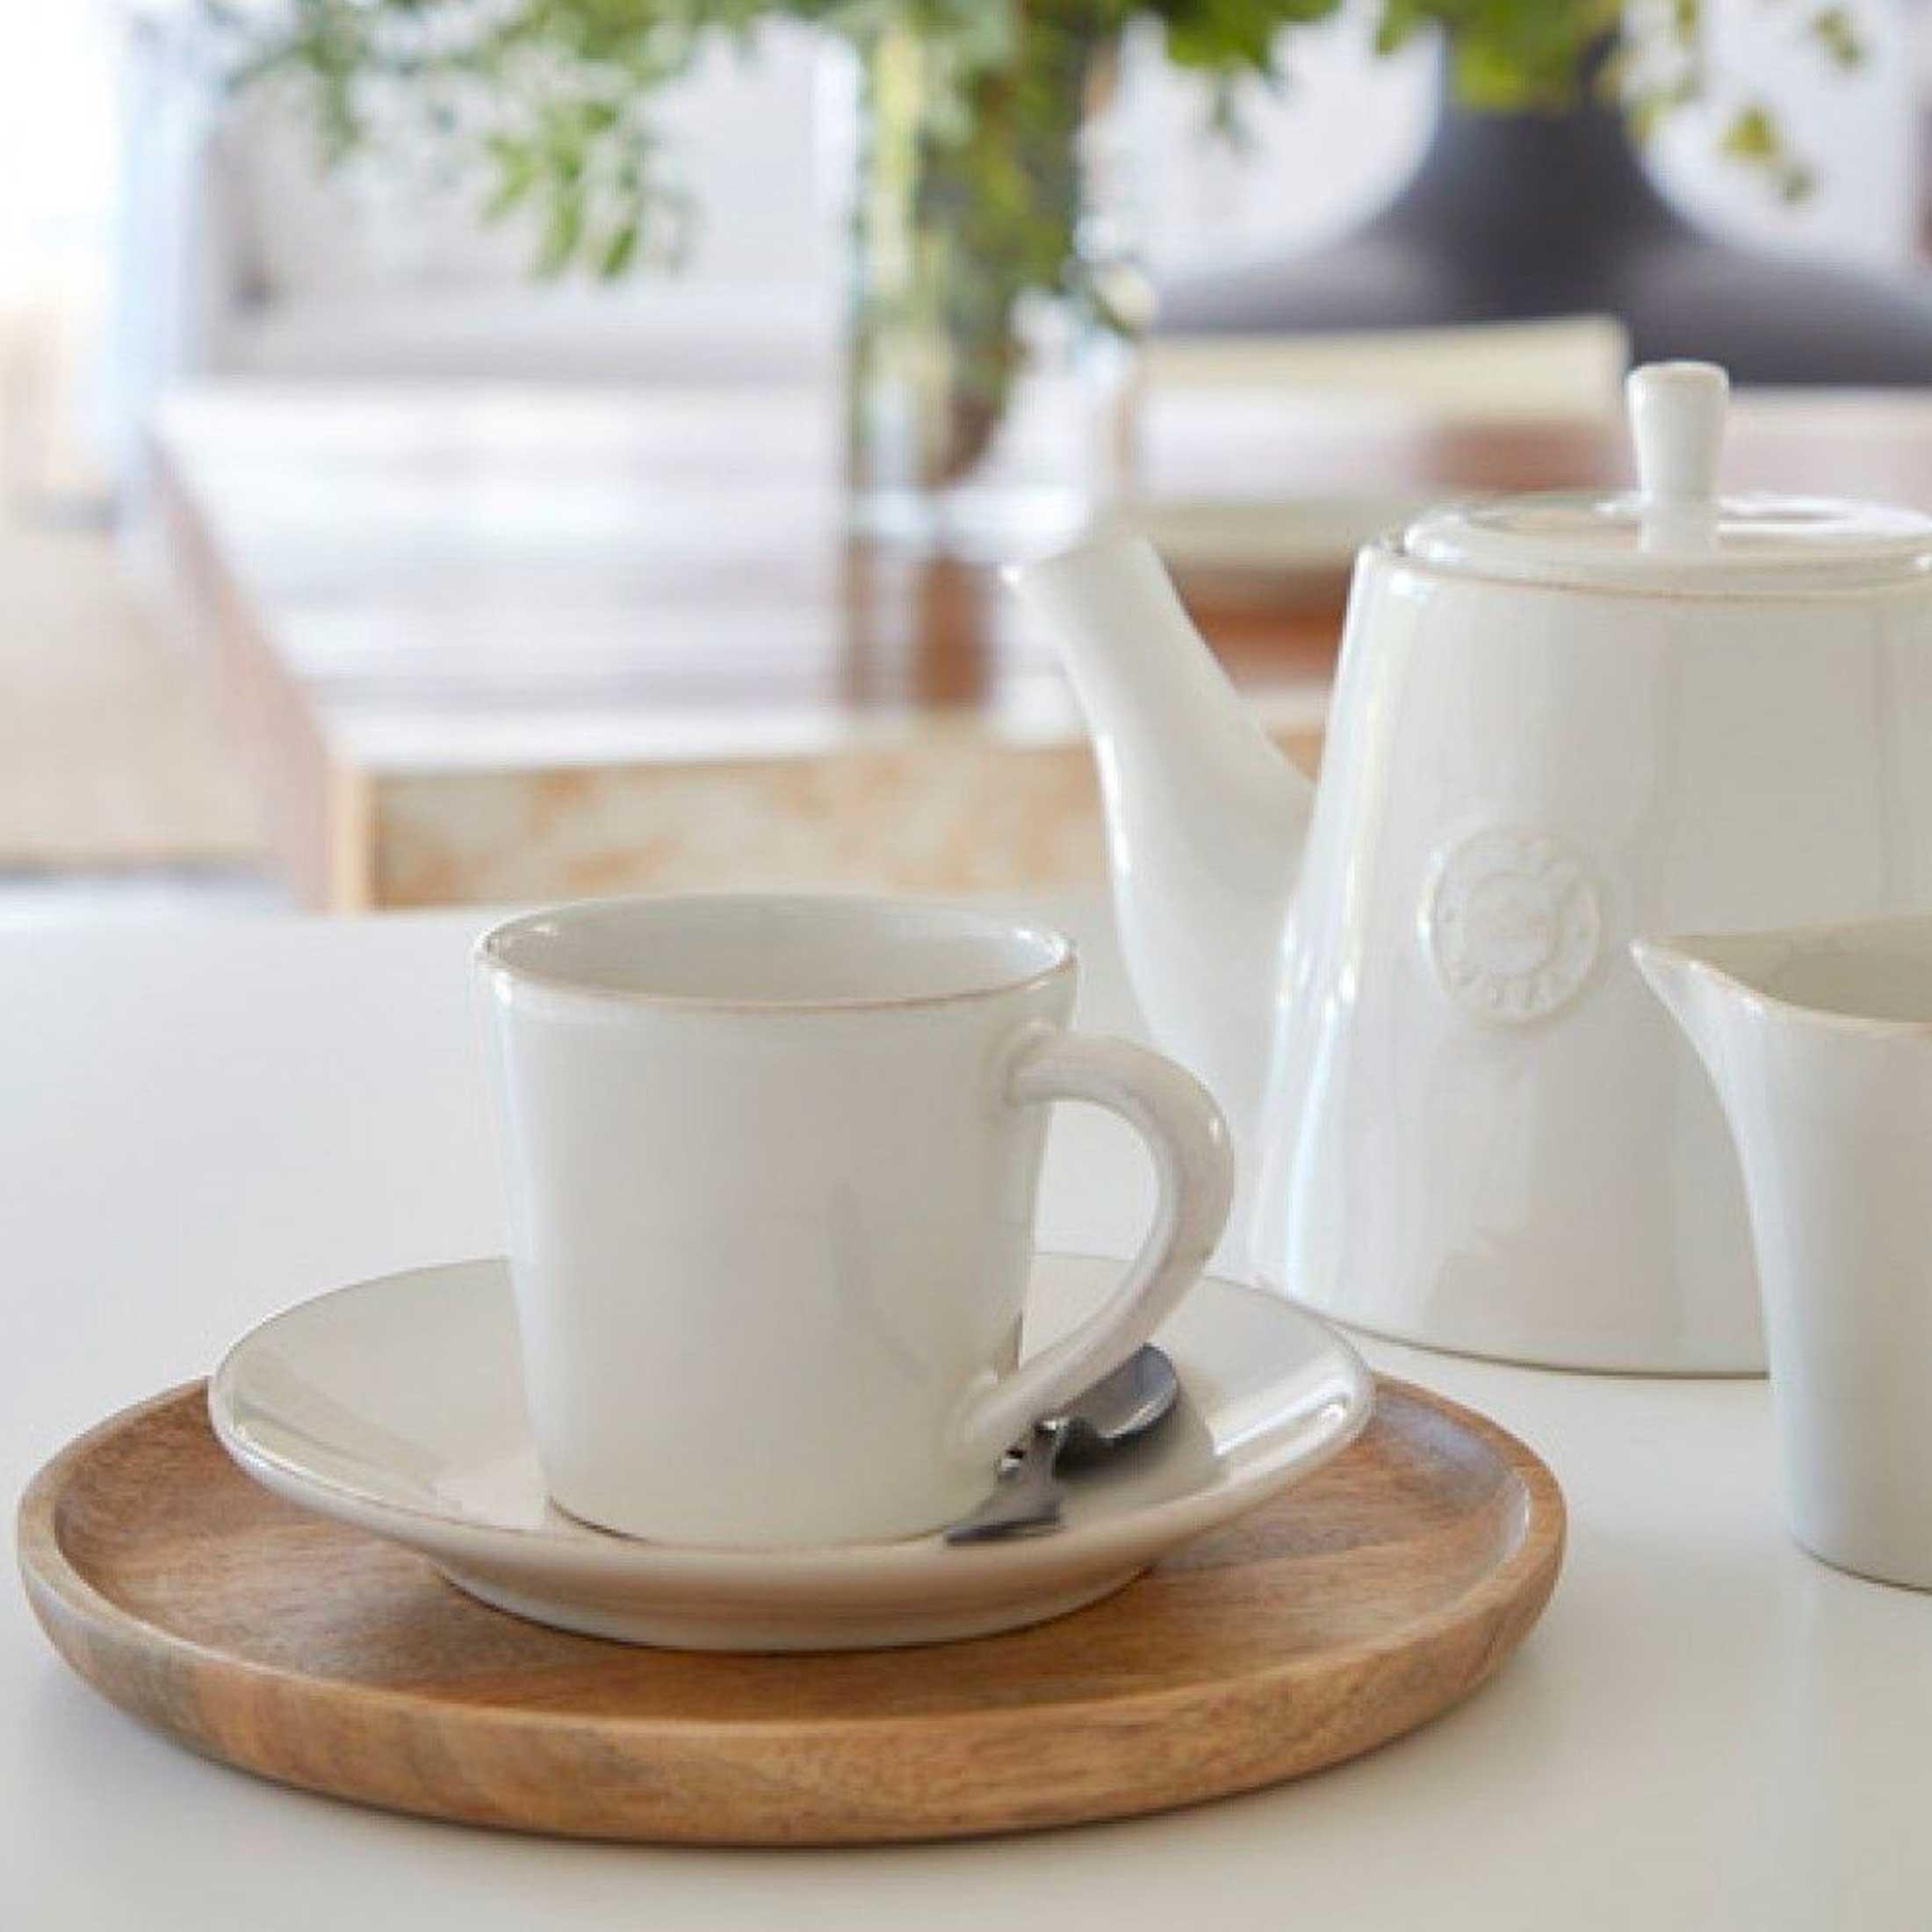 Weisse Espressotasse mit Untersetzer aus Steingut | Geschirr von Costa Nova | Geschenk | Pflegeleicht für das Büro | Spülmaschine geeignet | Onlineshop